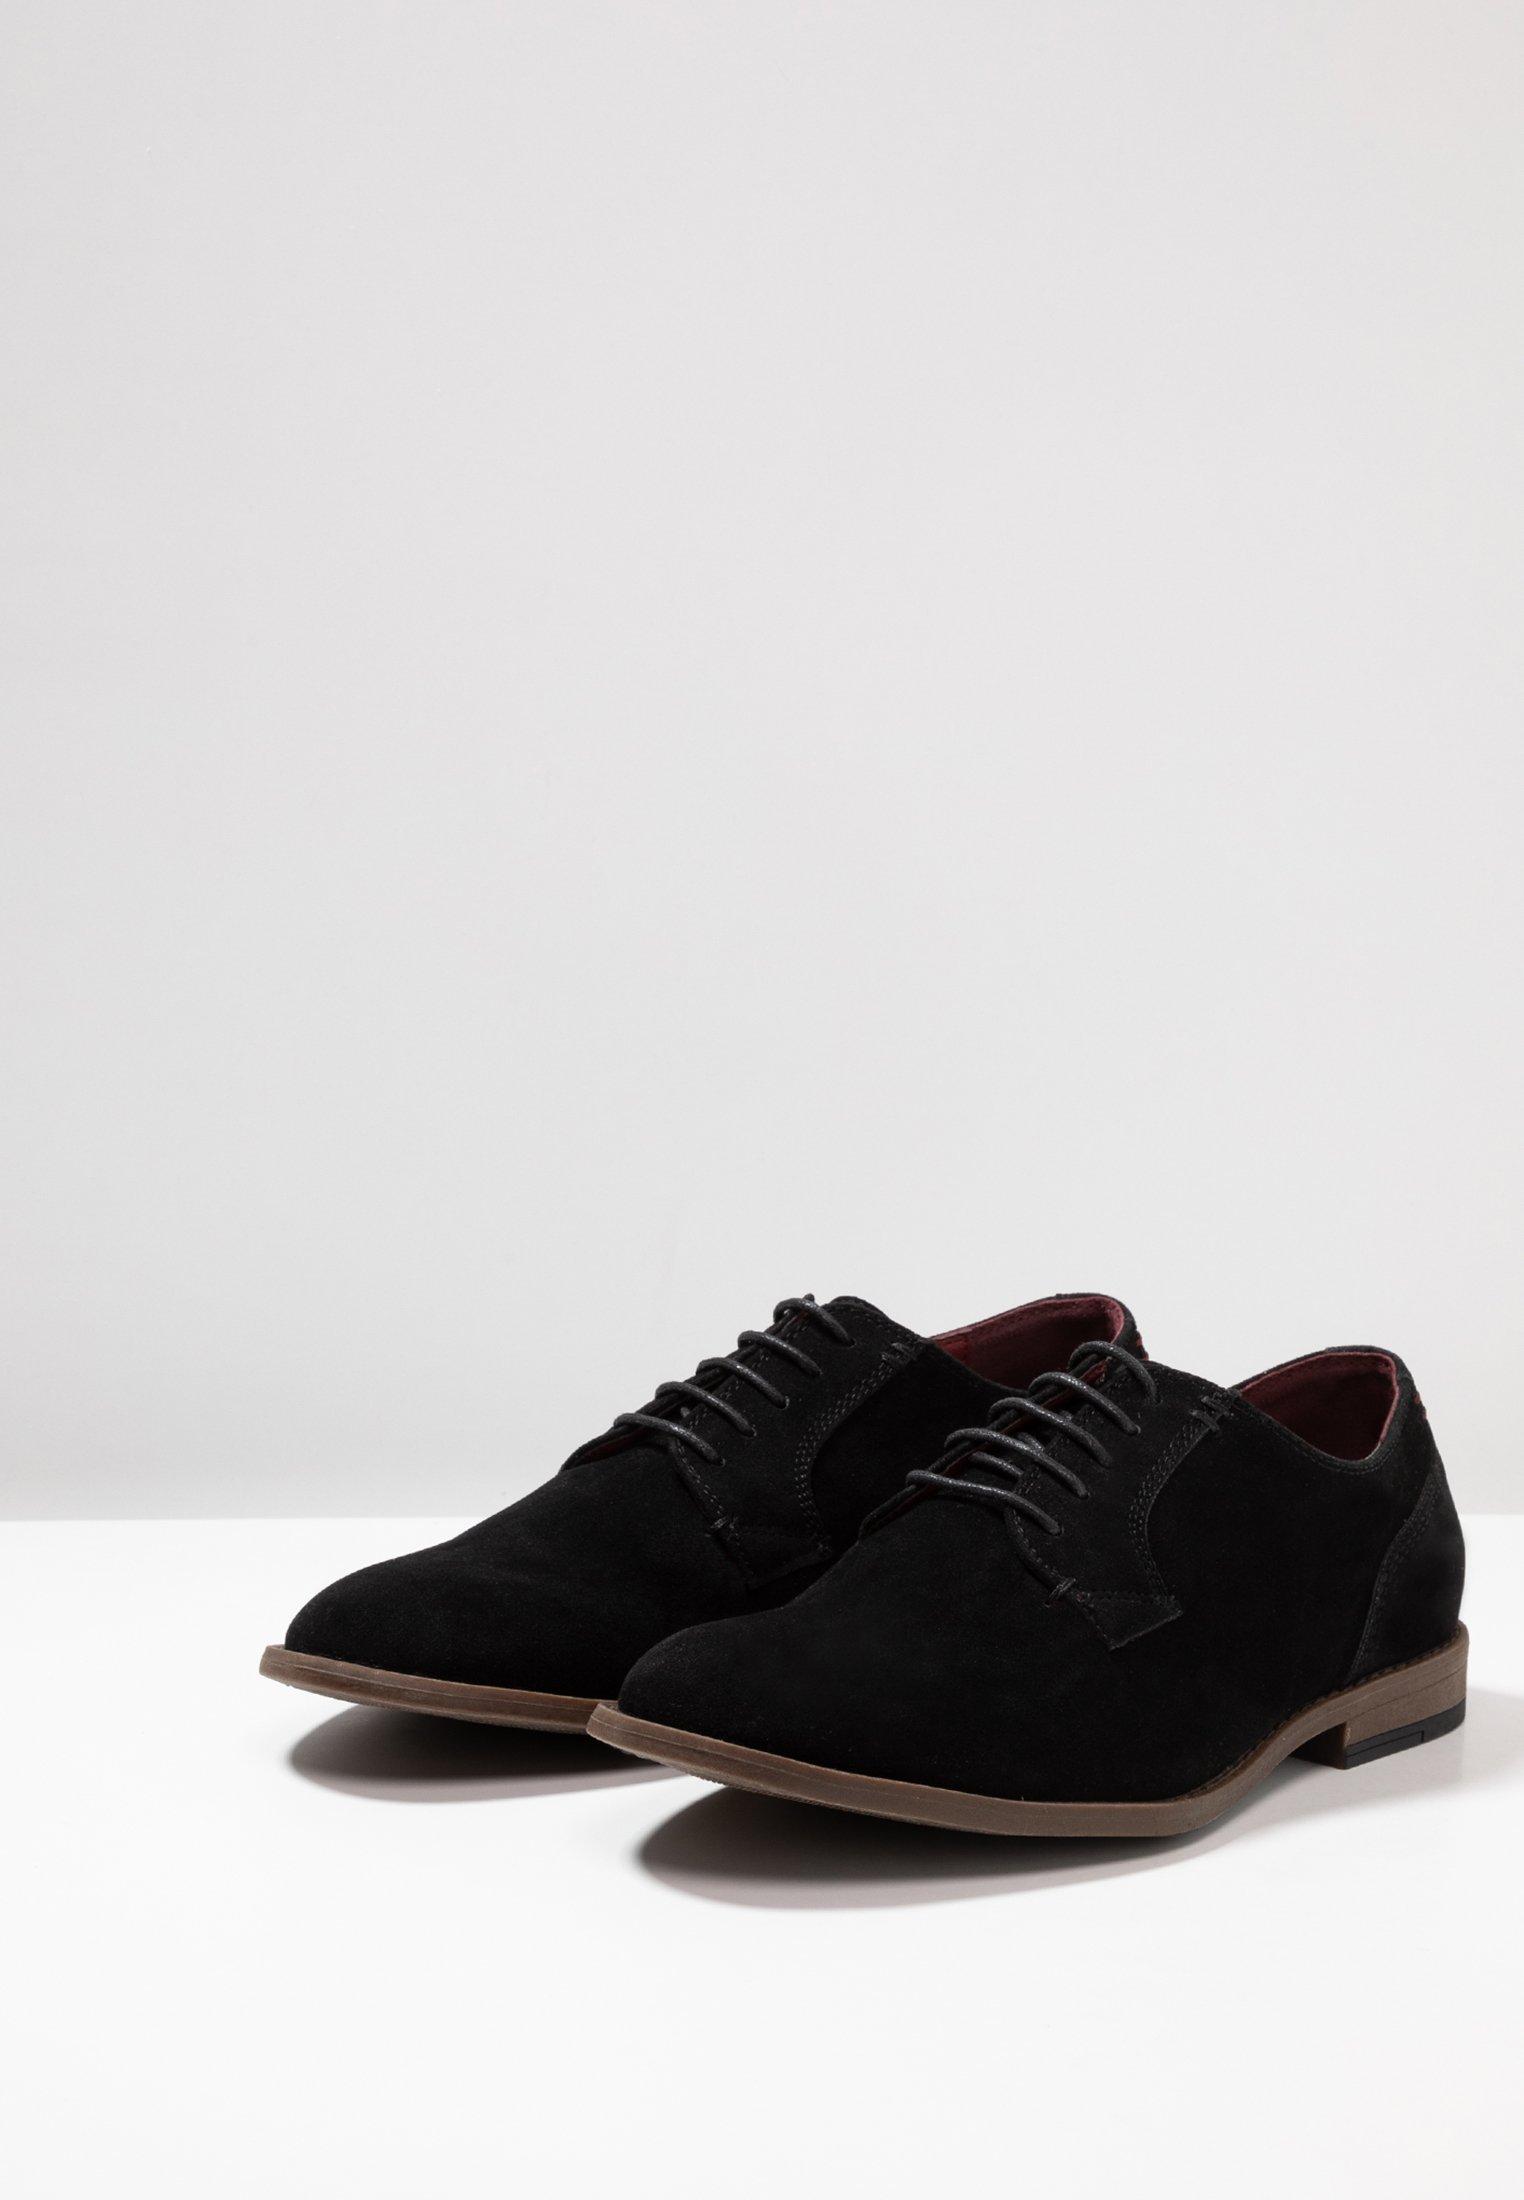 New Look DERBY - Business-Schnürer - black - Black Friday